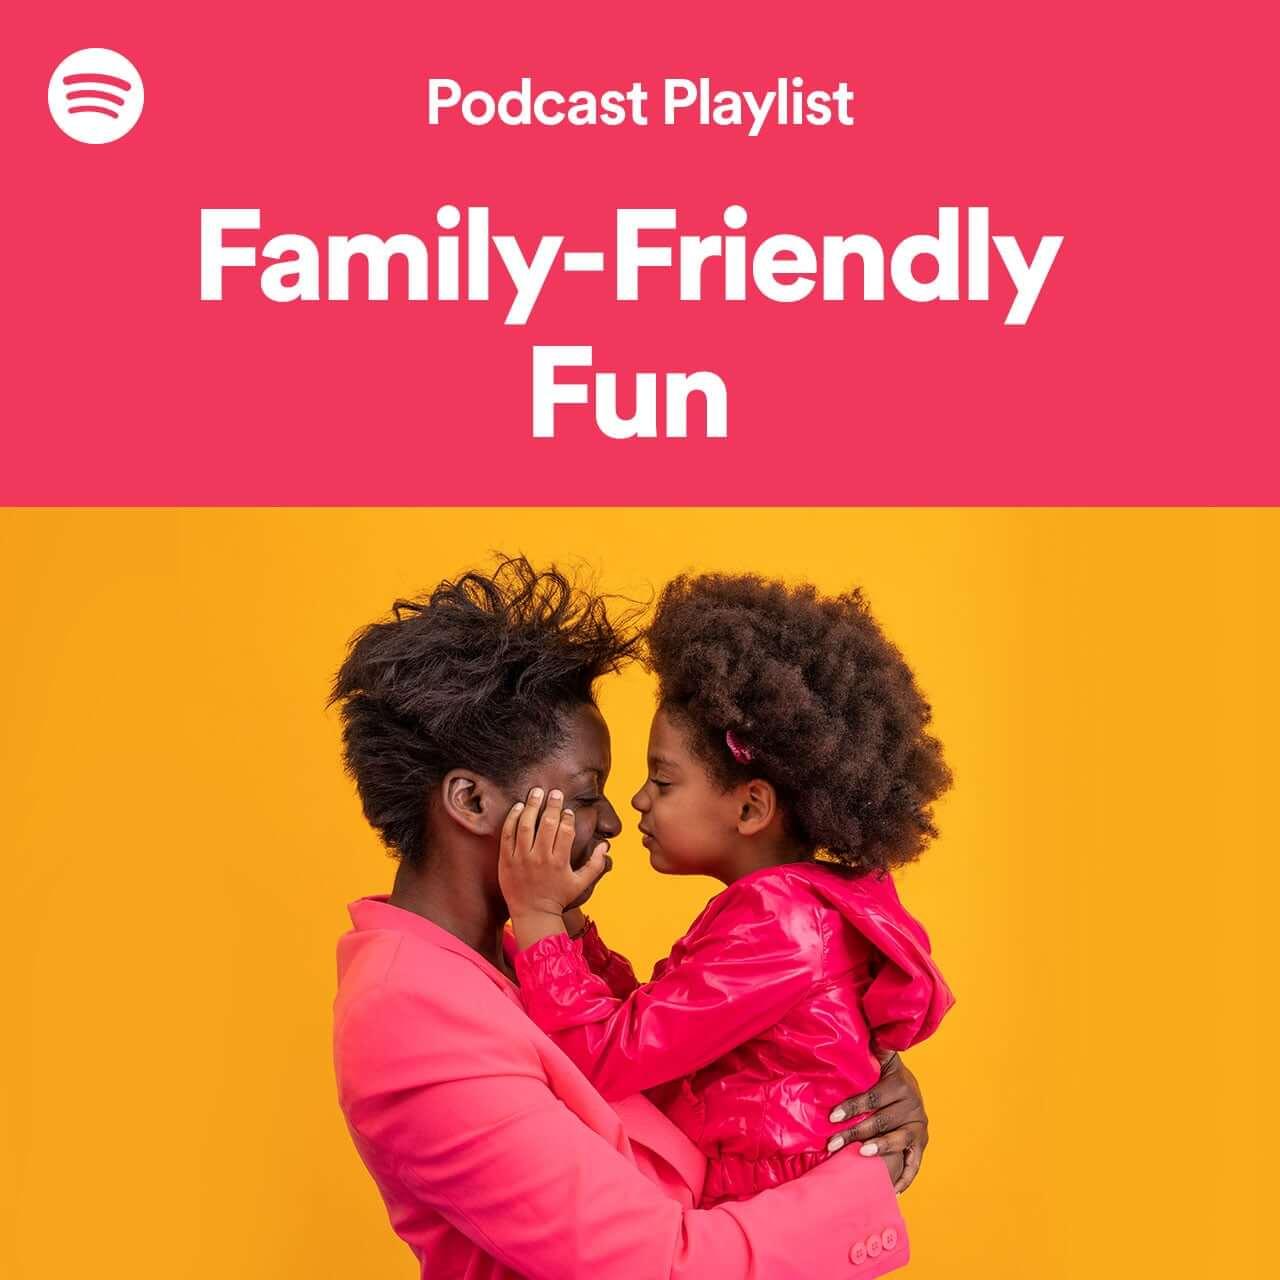 Spotify Family Podcasts Playlist